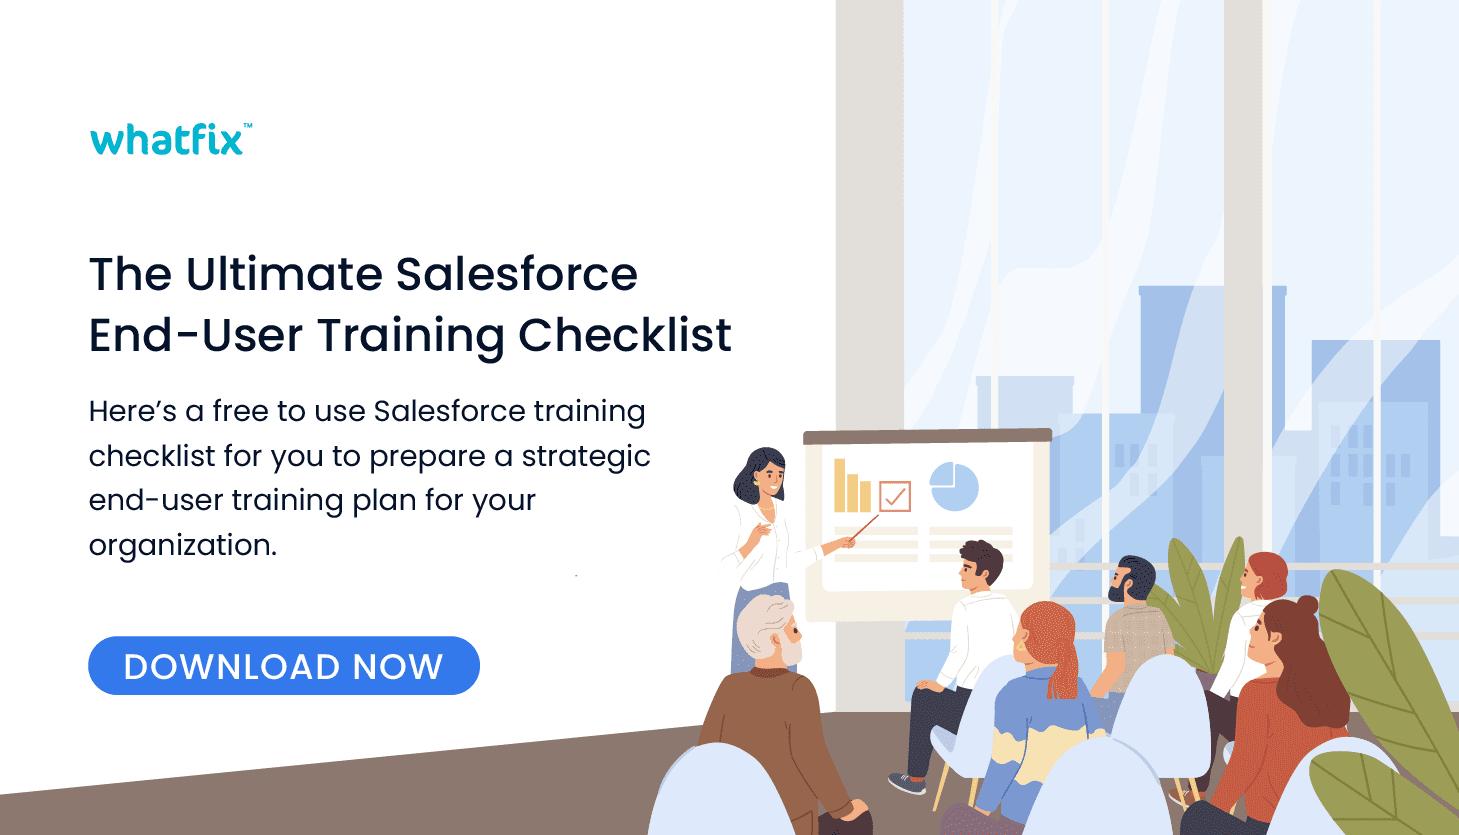 Salesforce training checklist